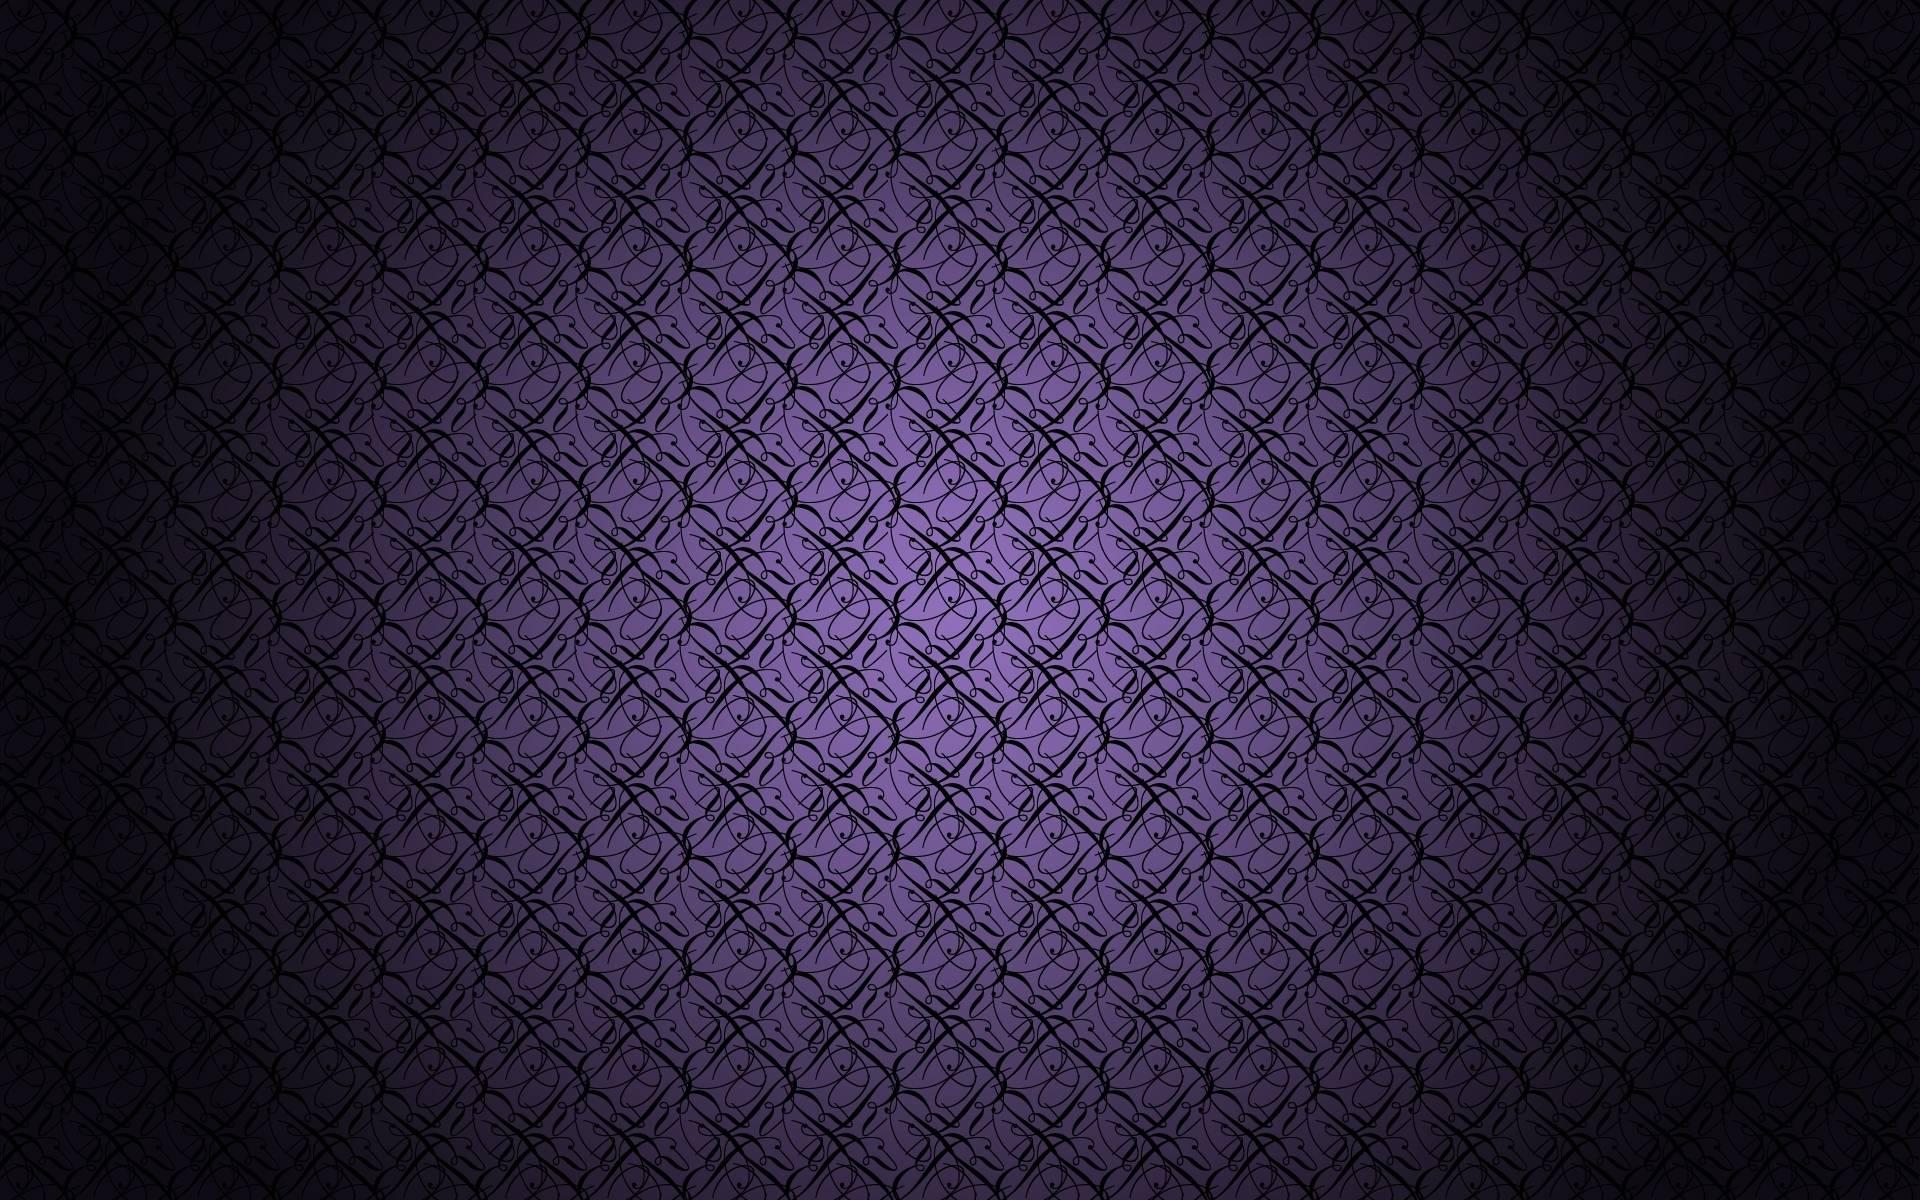 Purple Vintage Background 8823146